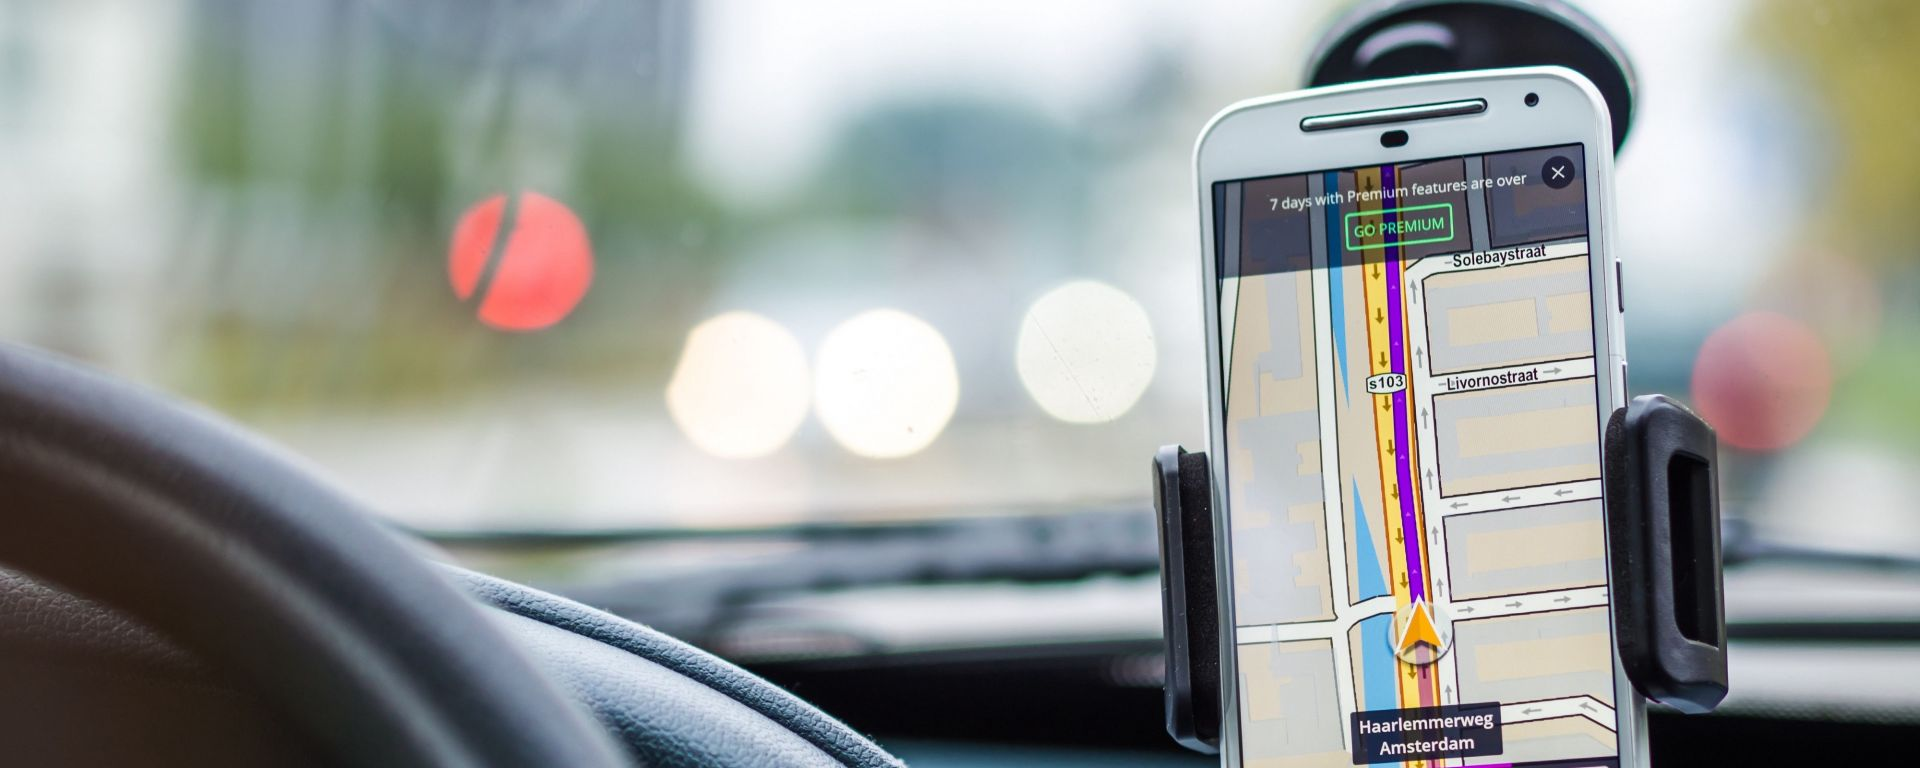 Alla prova le cinque migliori app per autovelox e limiti di velocità